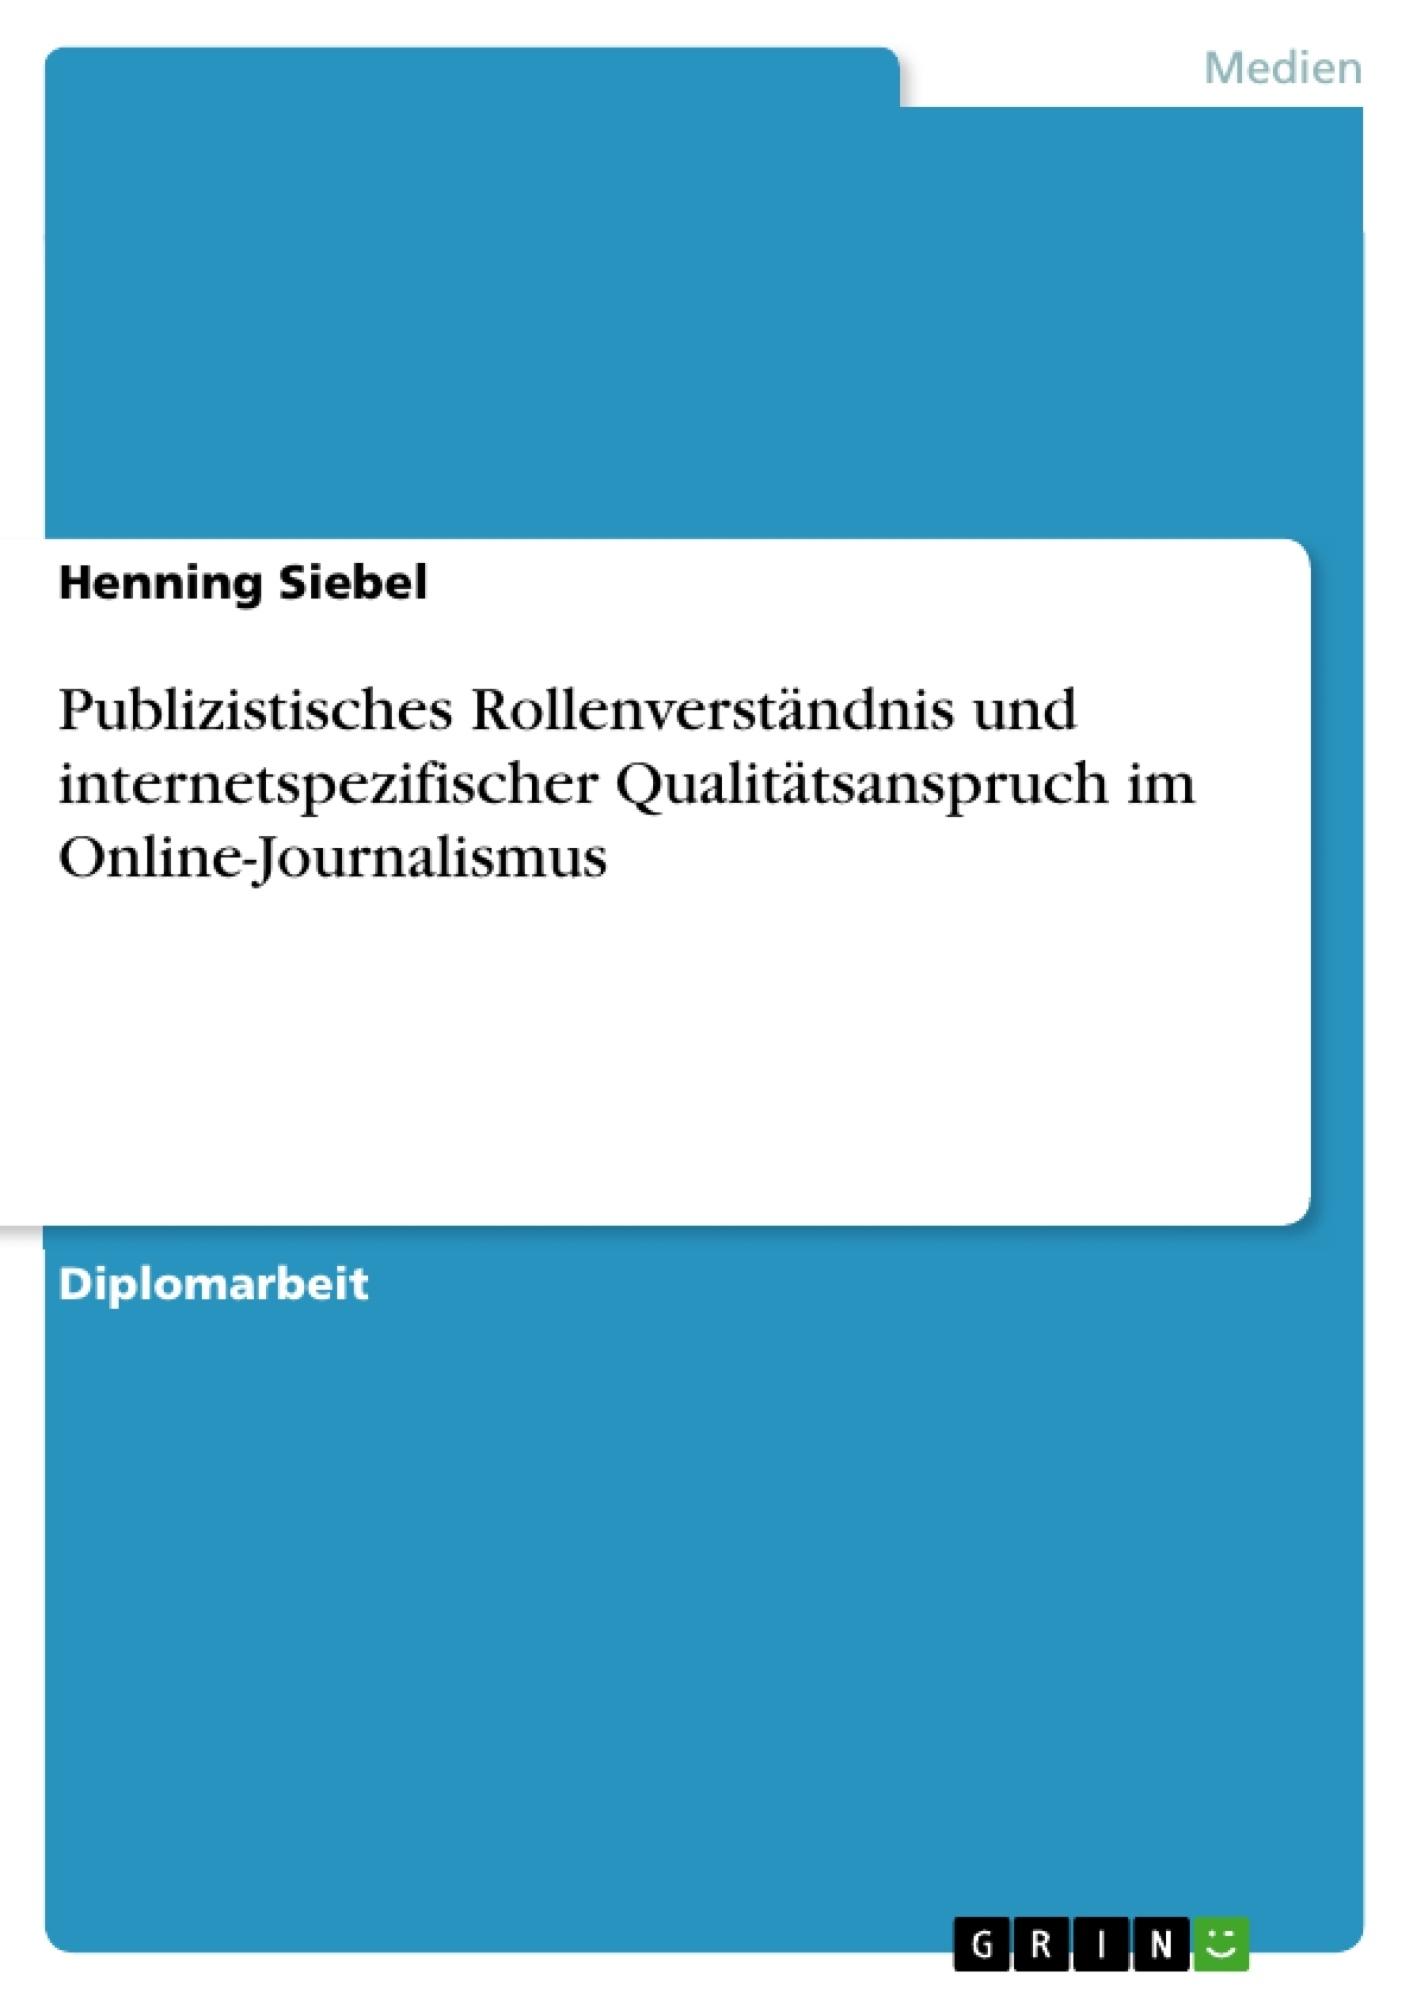 Titel: Publizistisches Rollenverständnis und internetspezifischer Qualitätsanspruch im Online-Journalismus